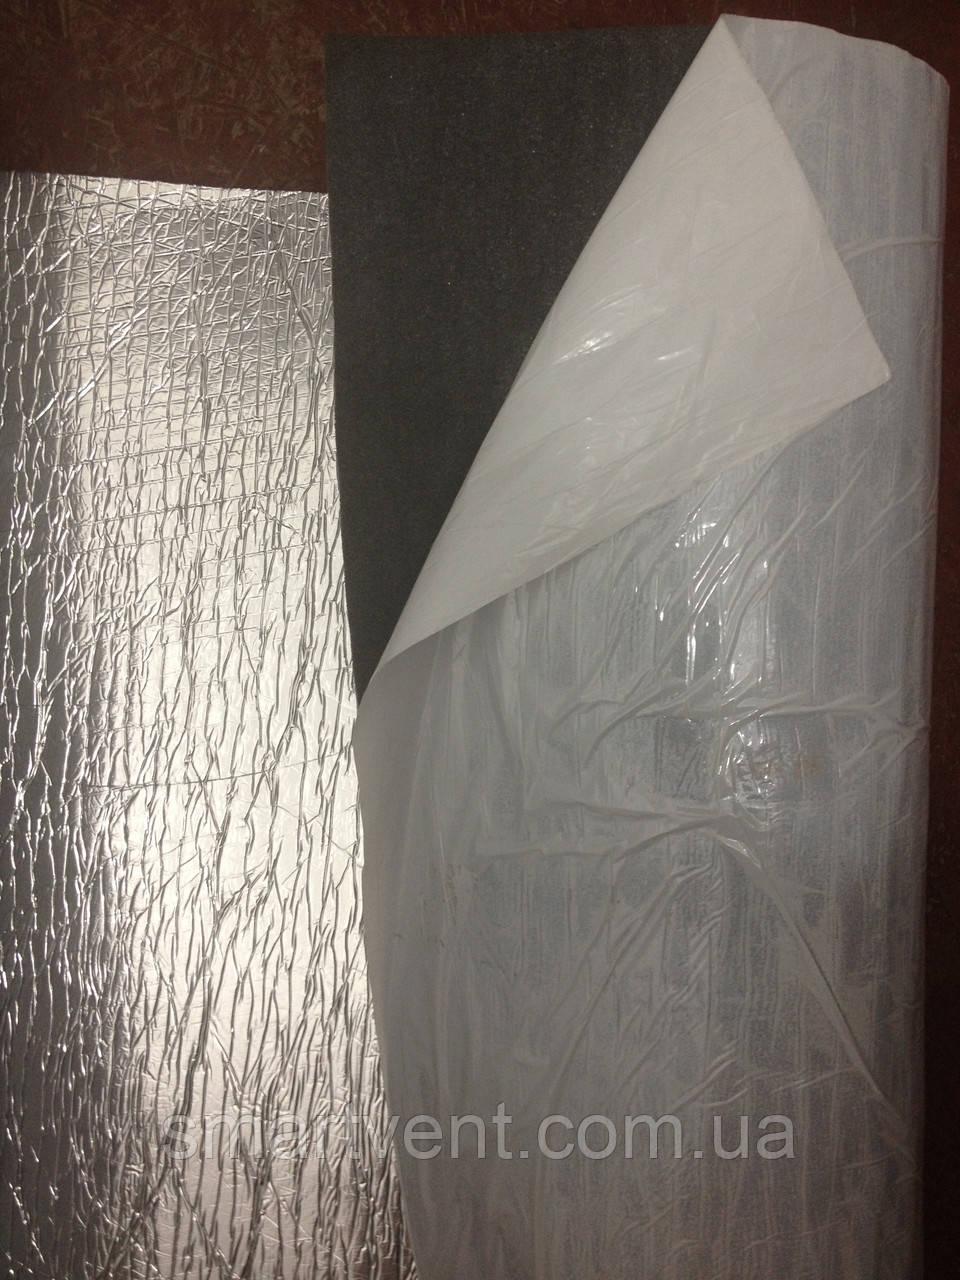 Самоклеющаяся изоляция ППЭ НХ 5 фольга